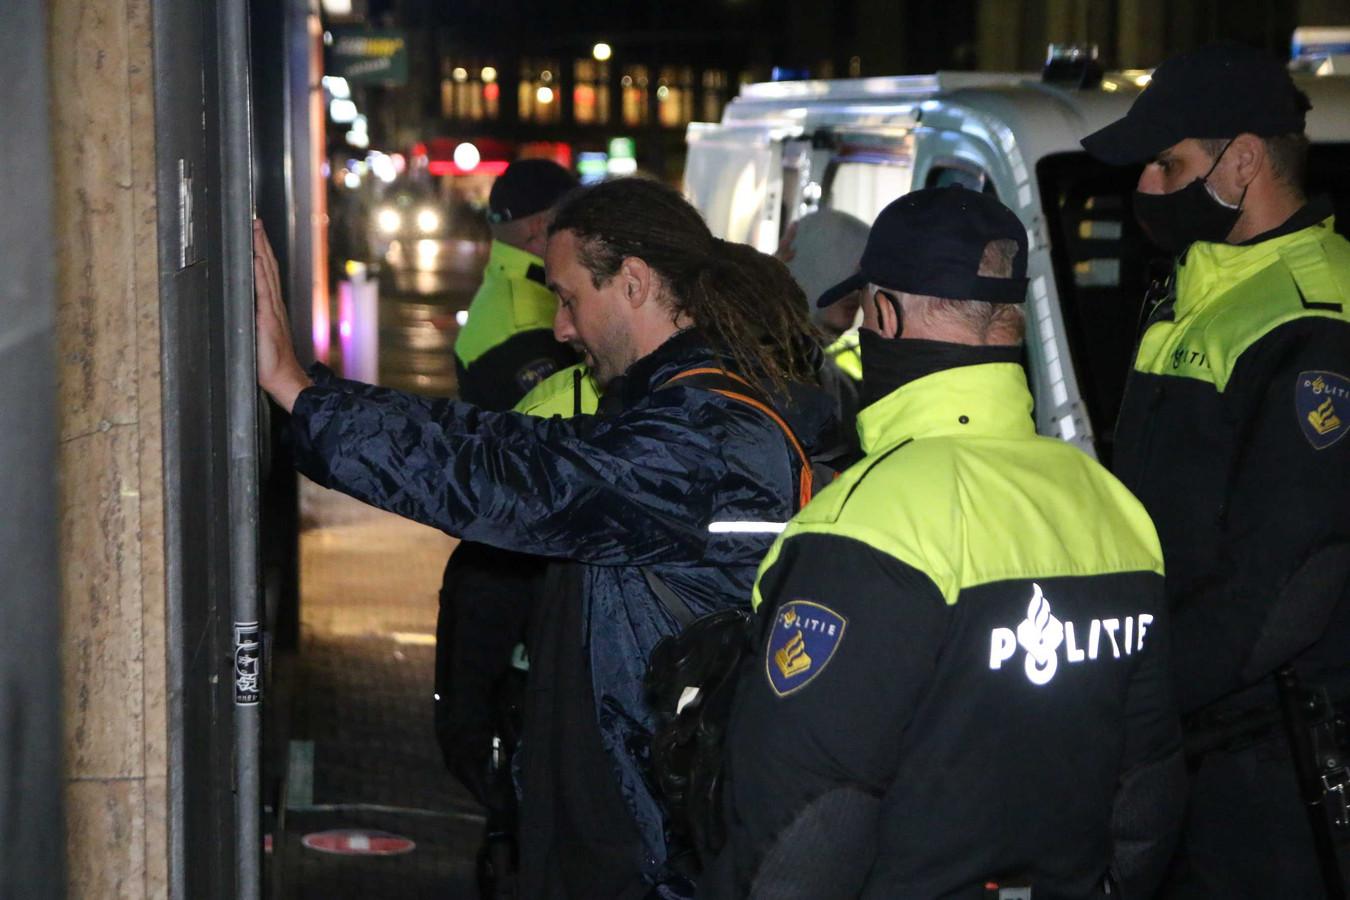 Willem Engel van actiegroep Viruswaarheid is af en toe lastig, zoals tijdens deze demonstratie waar hij werd gearresteerd, maar hij wordt zelf ook belaagd.